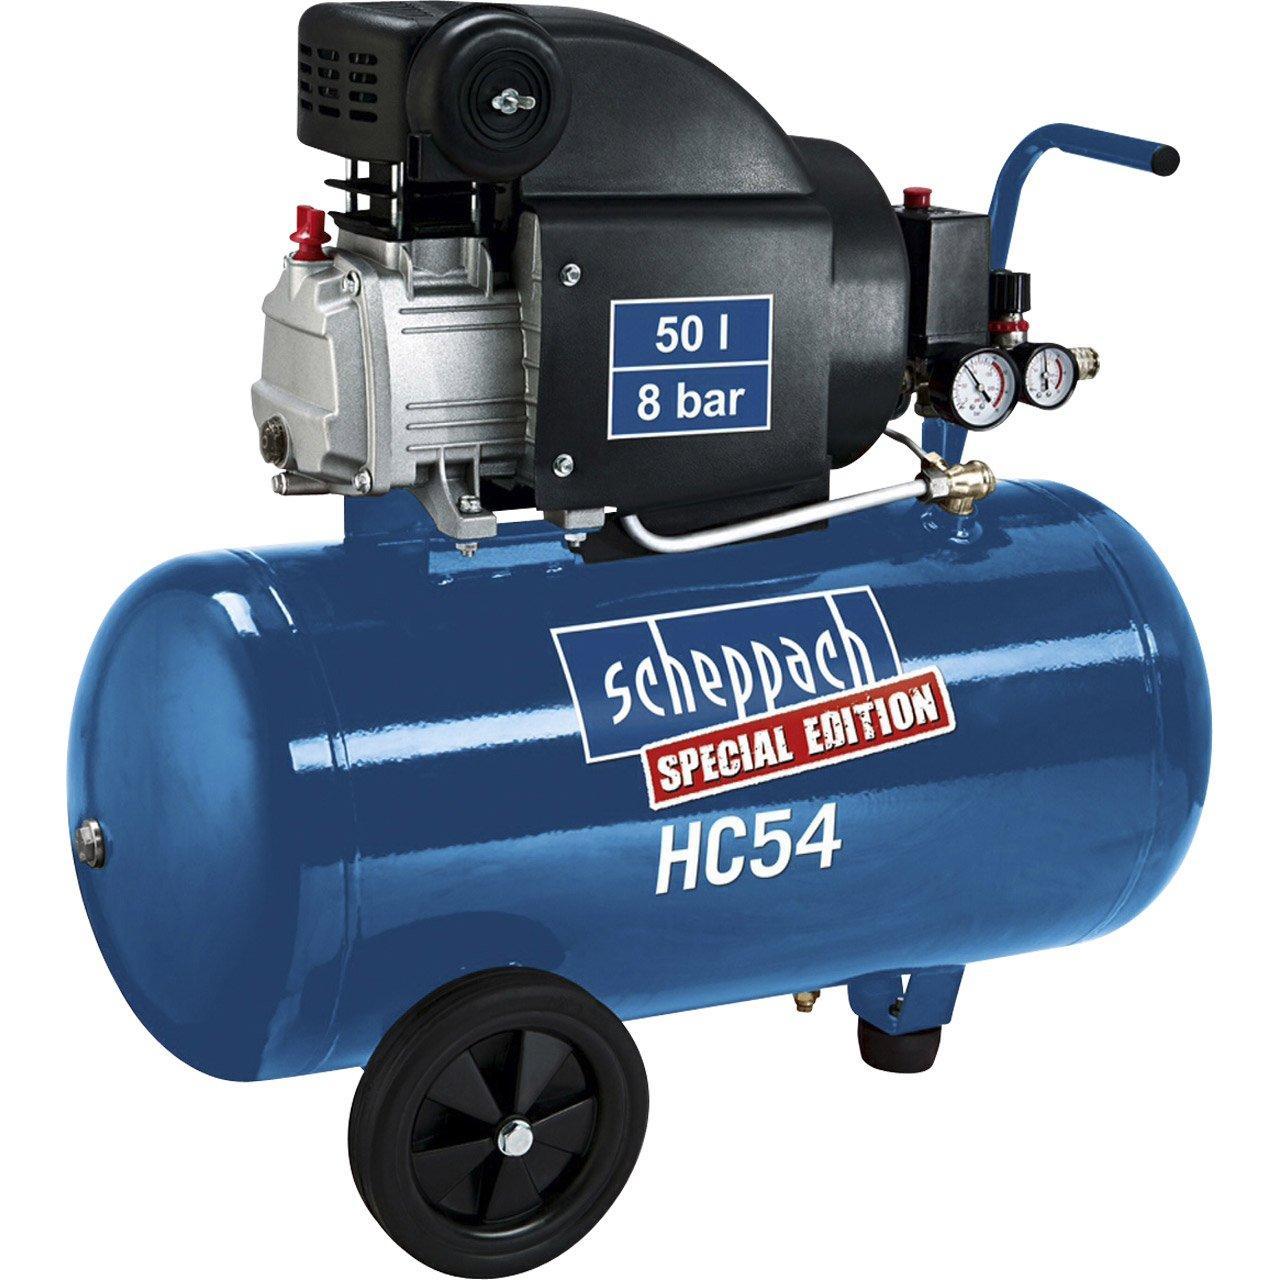 Compresseur Scheppach HC54 Special Edition - 50L, 2CV